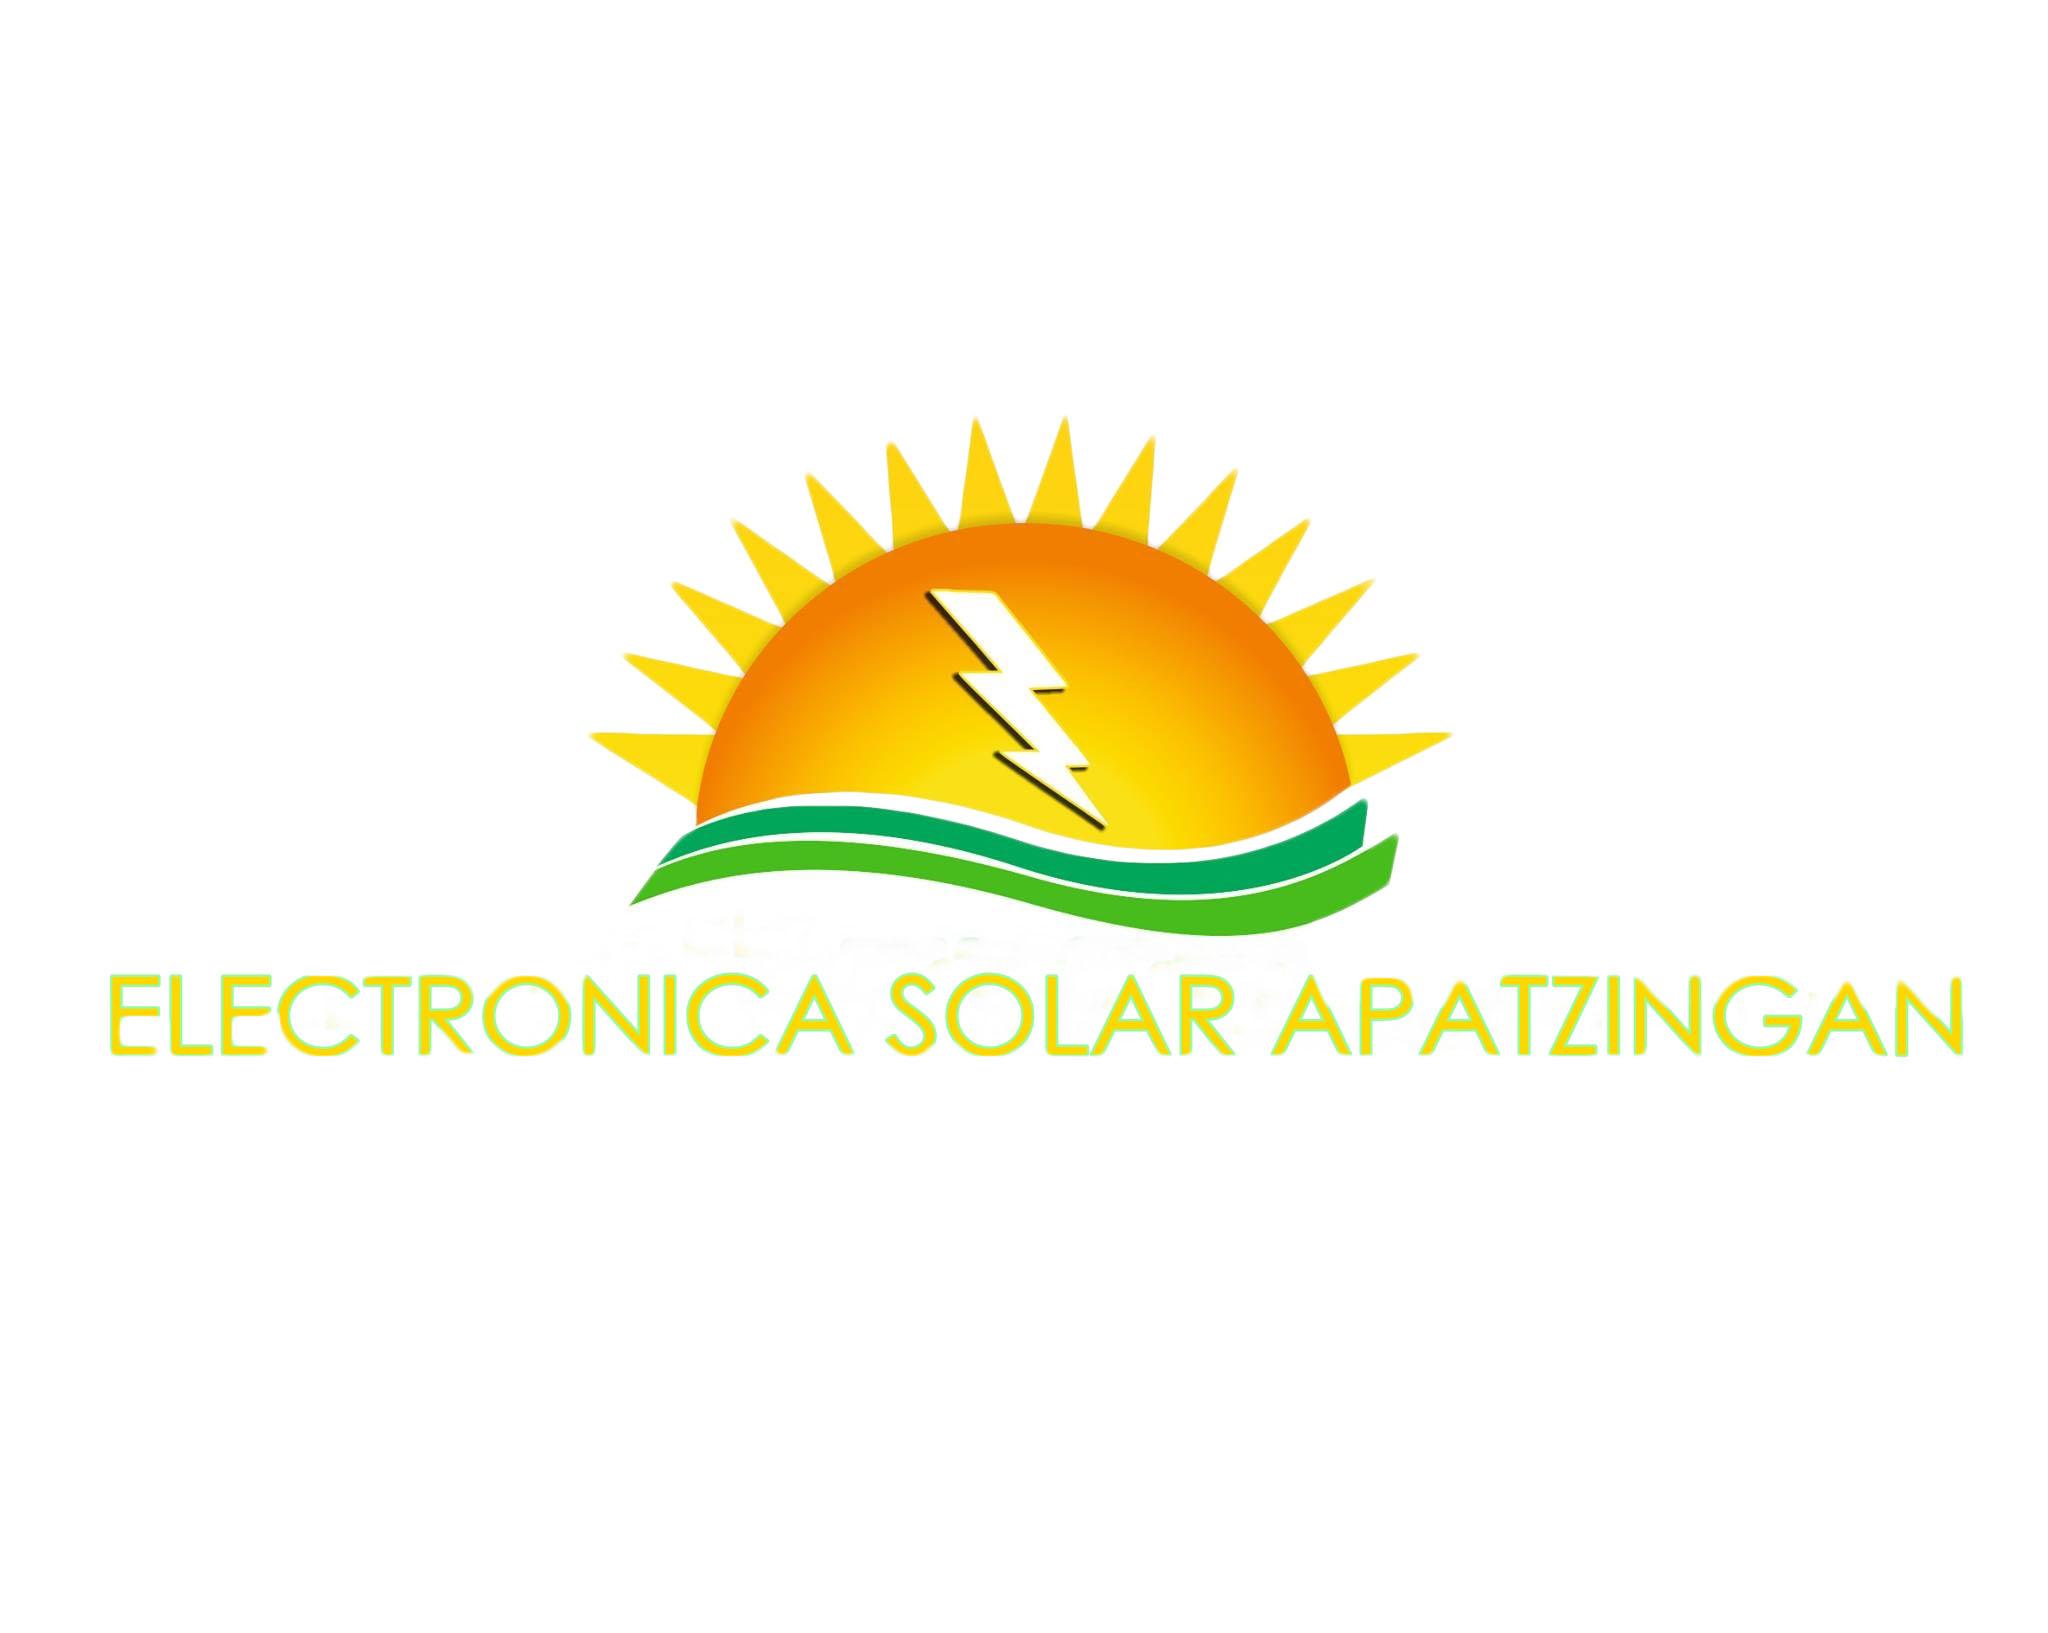 Electronica Solar Apatzingan